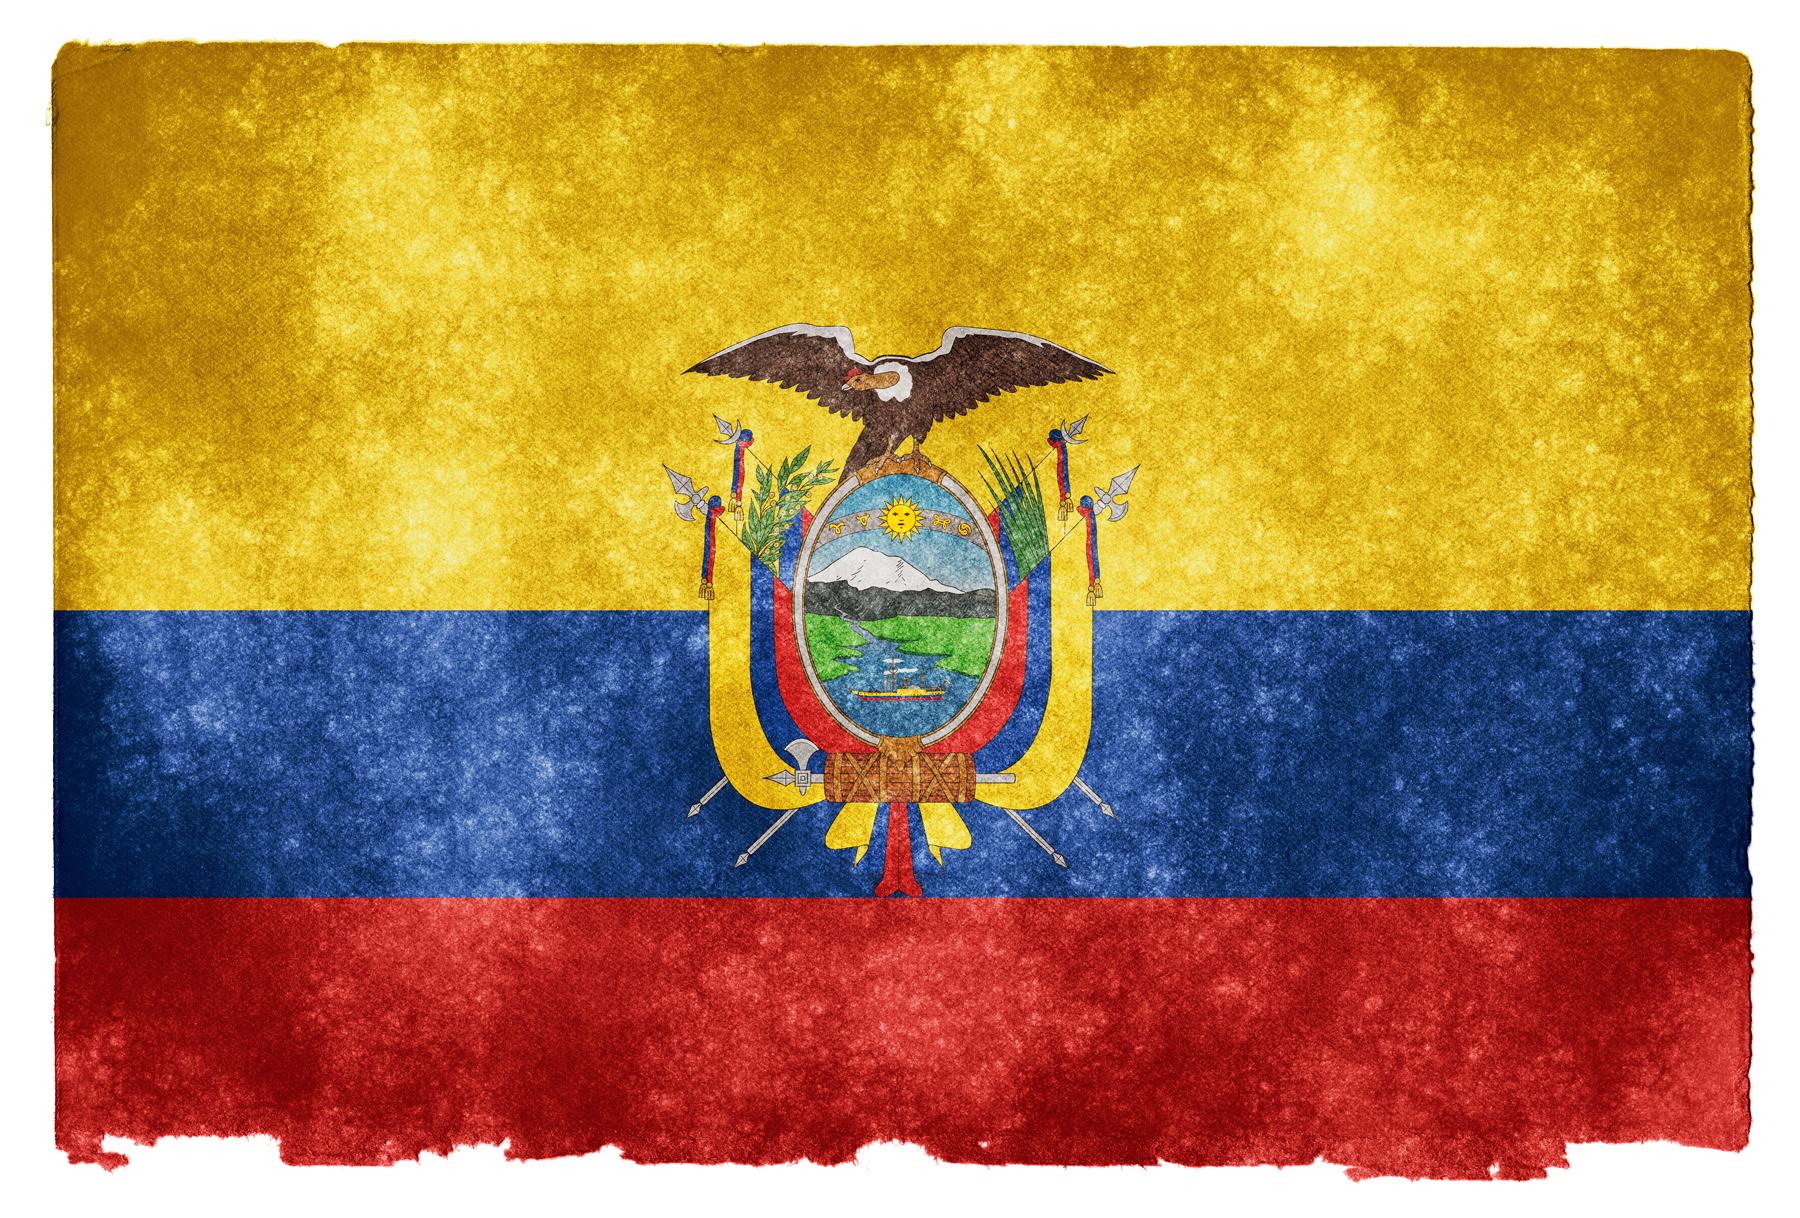 stockvault-ecuador-grunge-flag134168